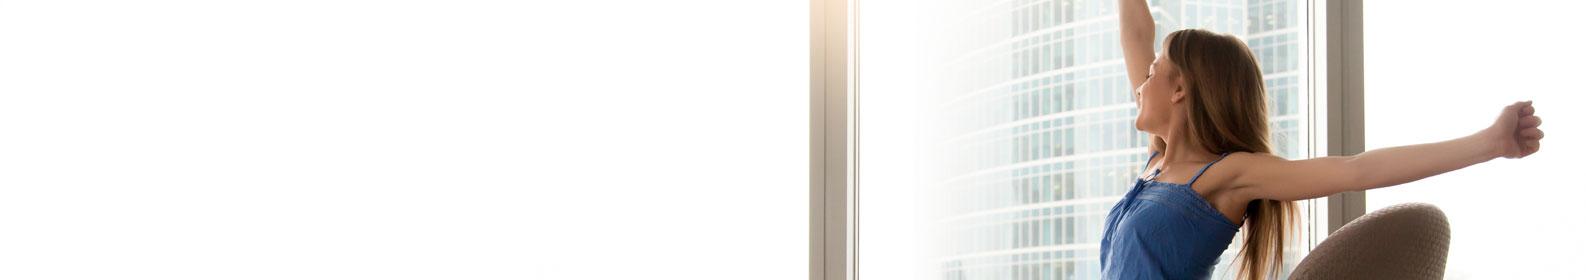 Banner categoría interna